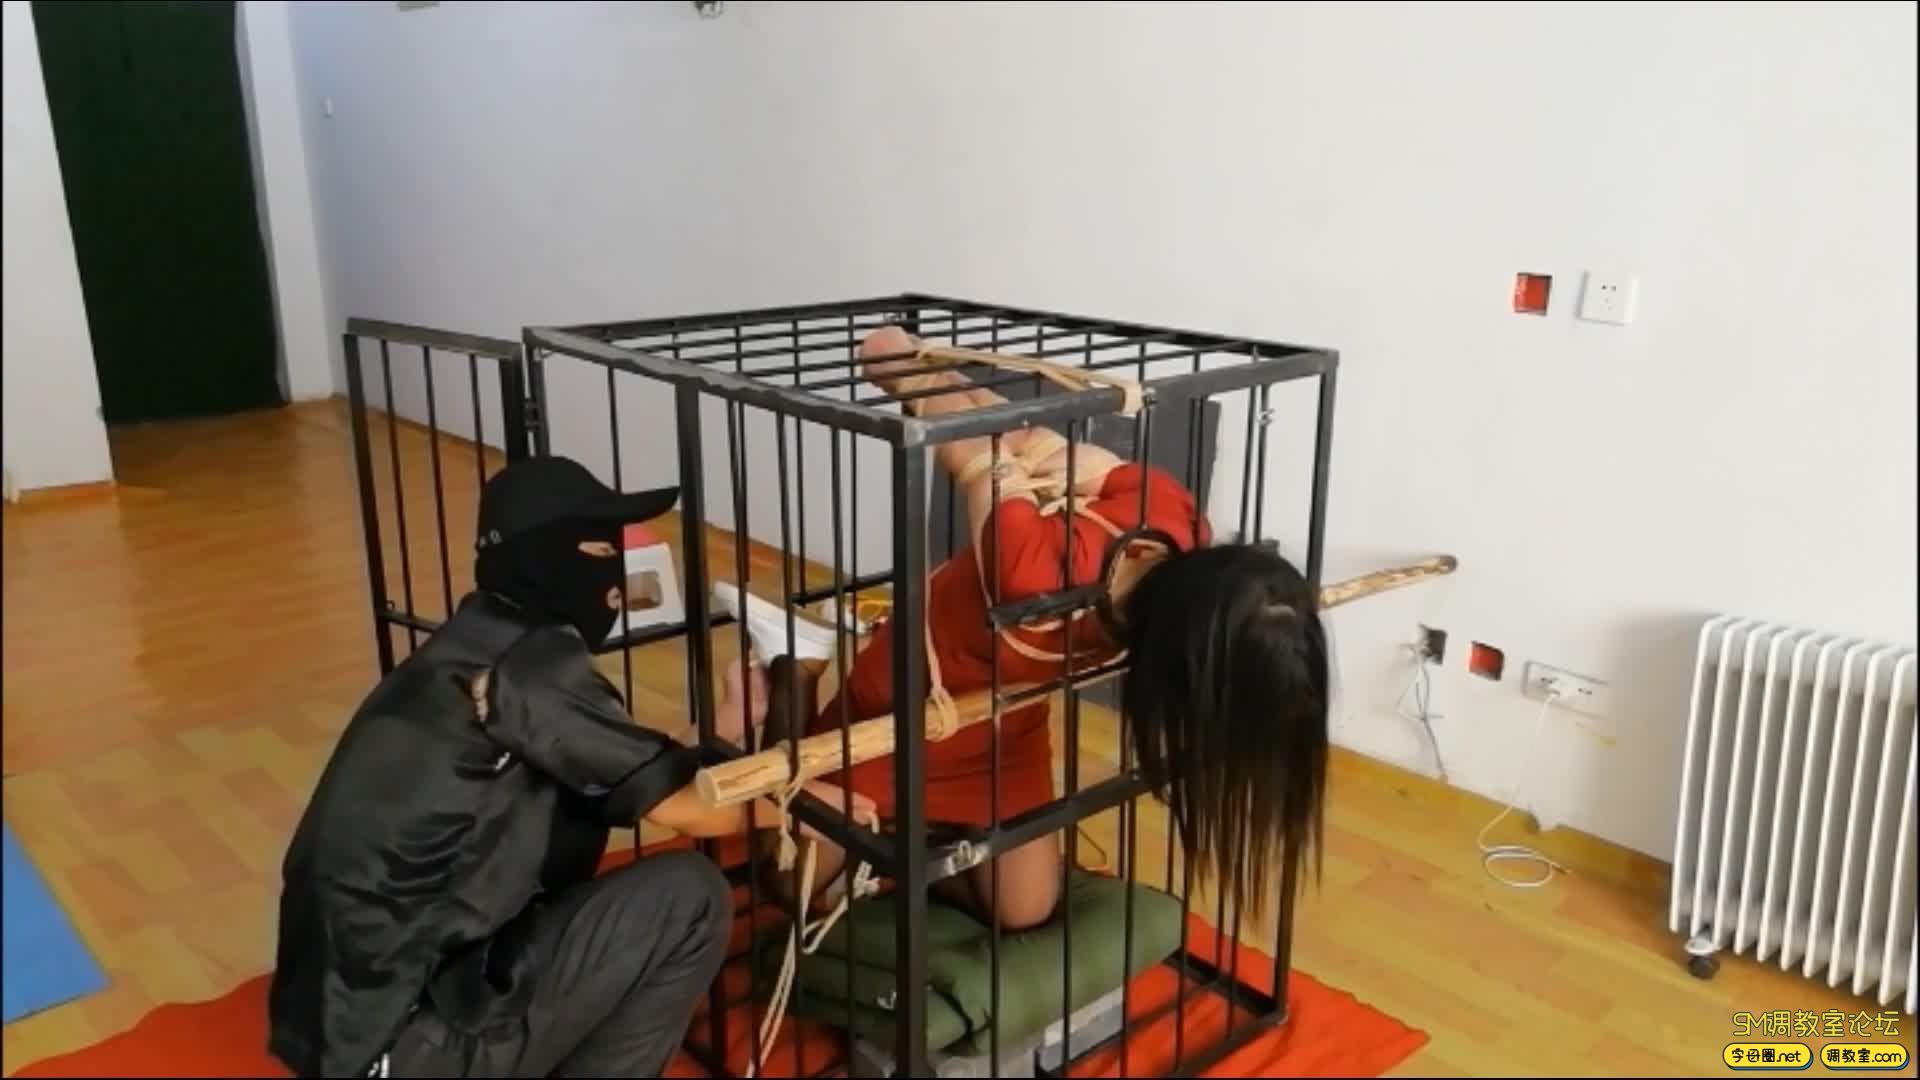 飞天原创 以绳会友,奴性十足的M体验残酷的笼子直臂跪立吊缚-视频截图5